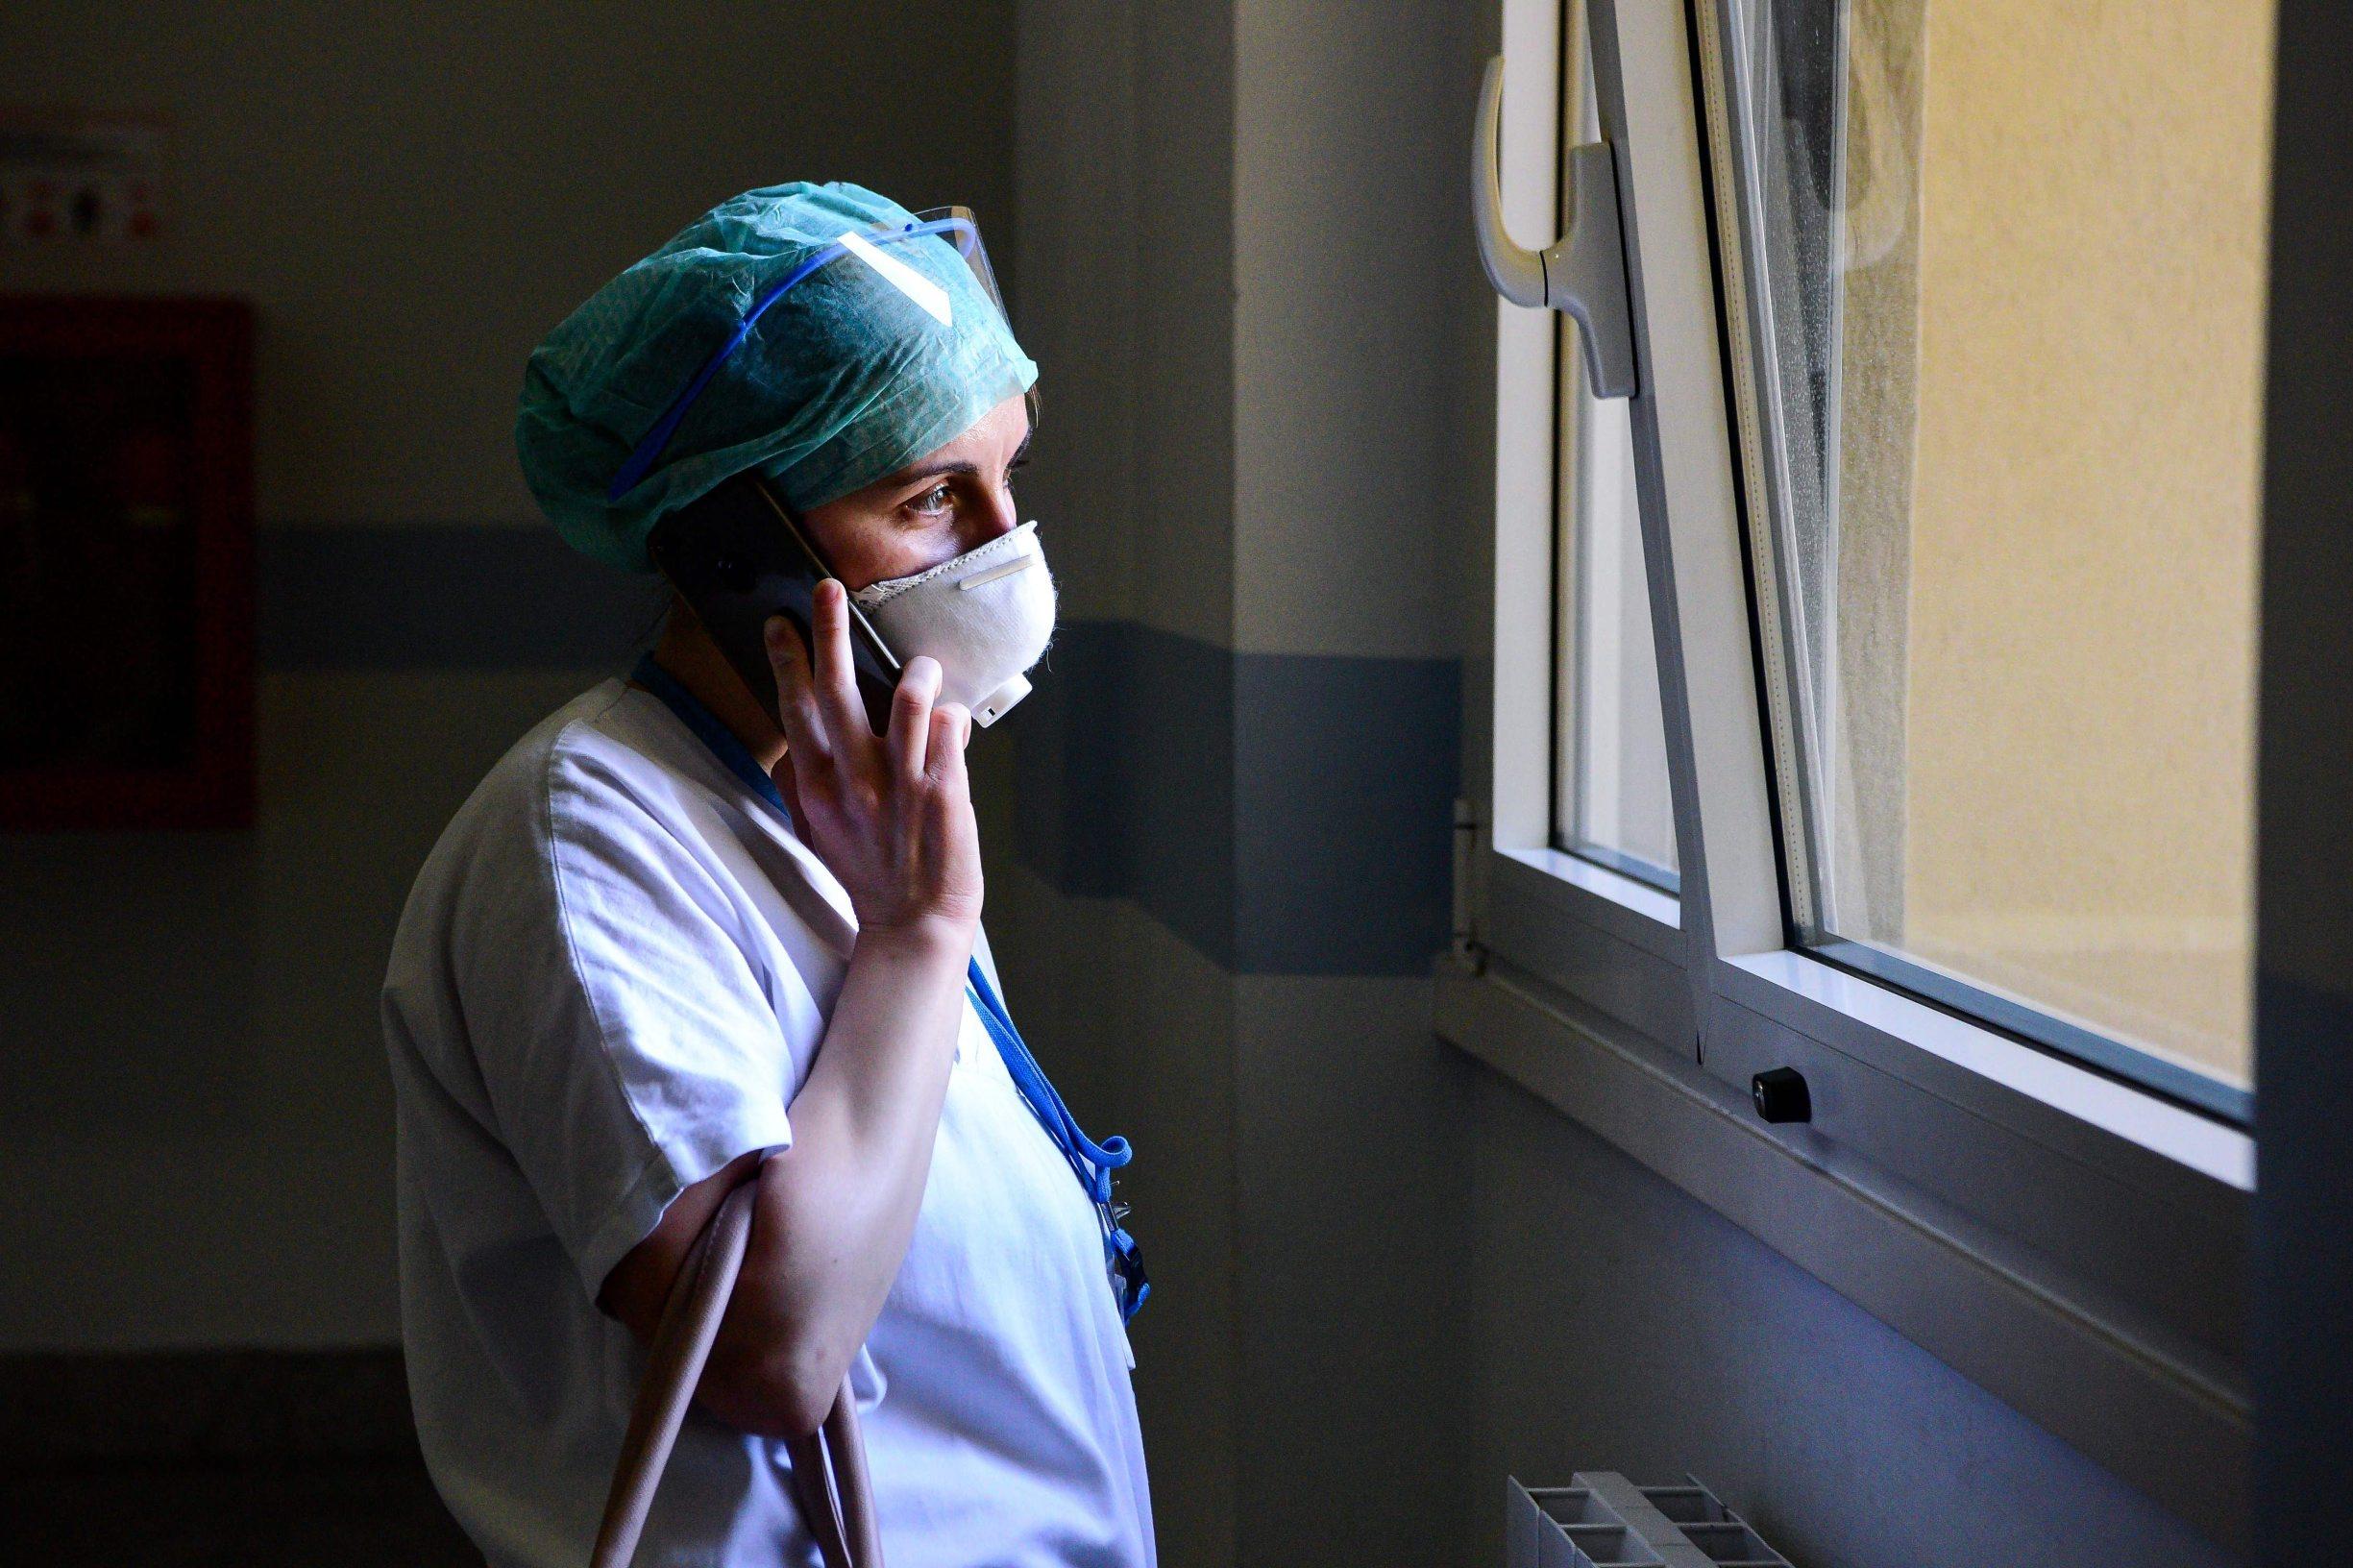 Medicinsko osoblje spada s nogu dok se neodgovorni pojedinci ponašaju kao da se ništa ne događa